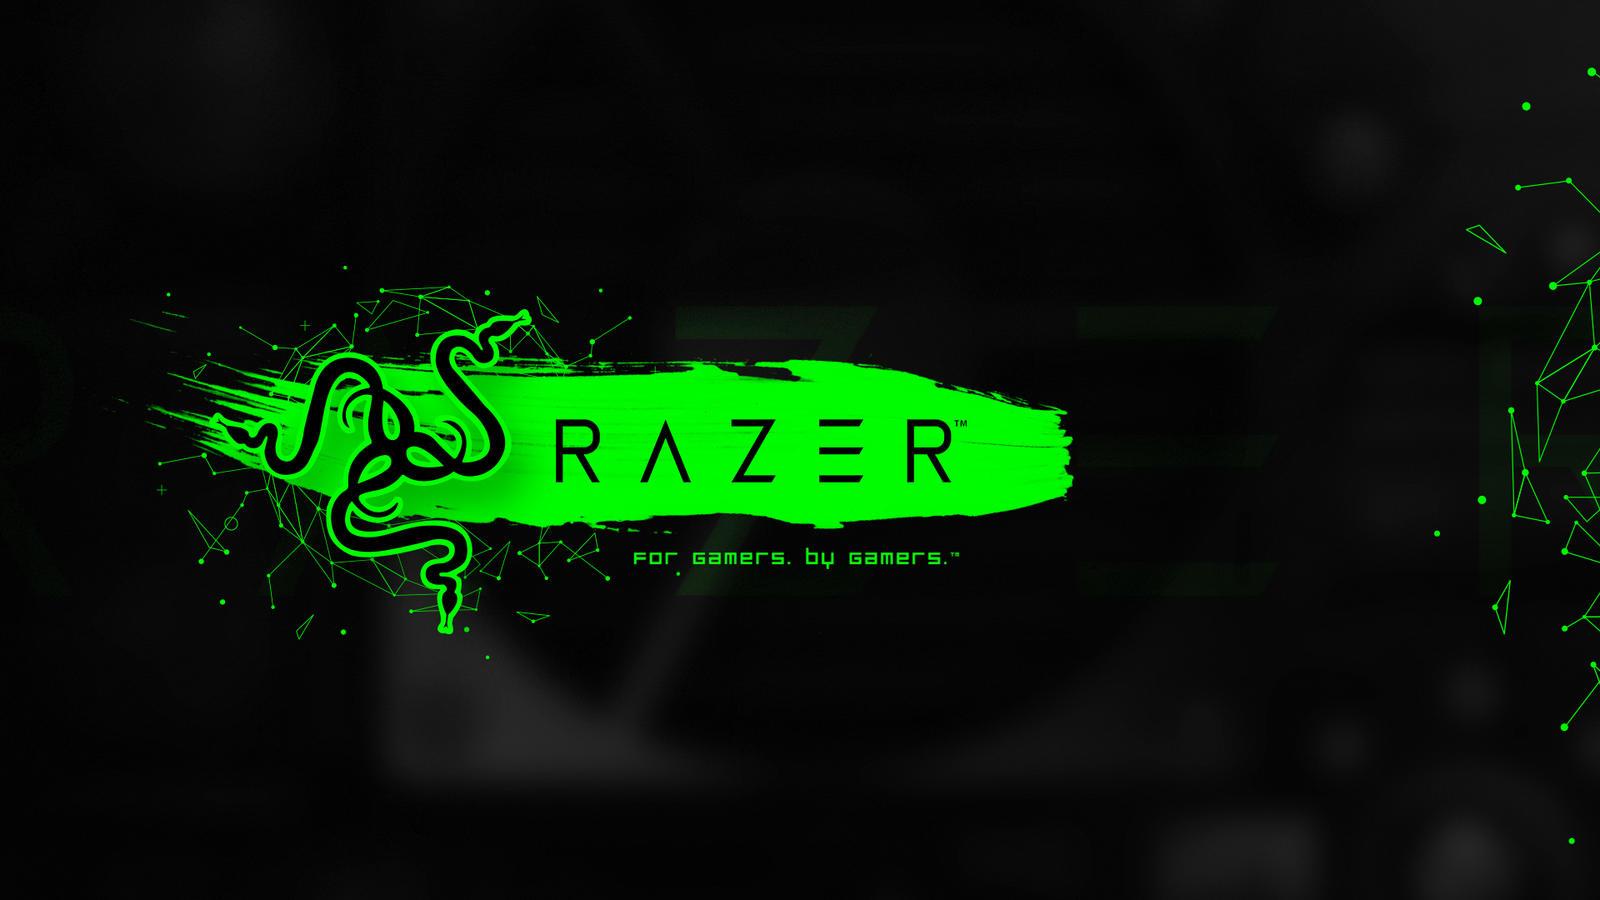 Razer-wallpaper by dusandsg on DeviantArt